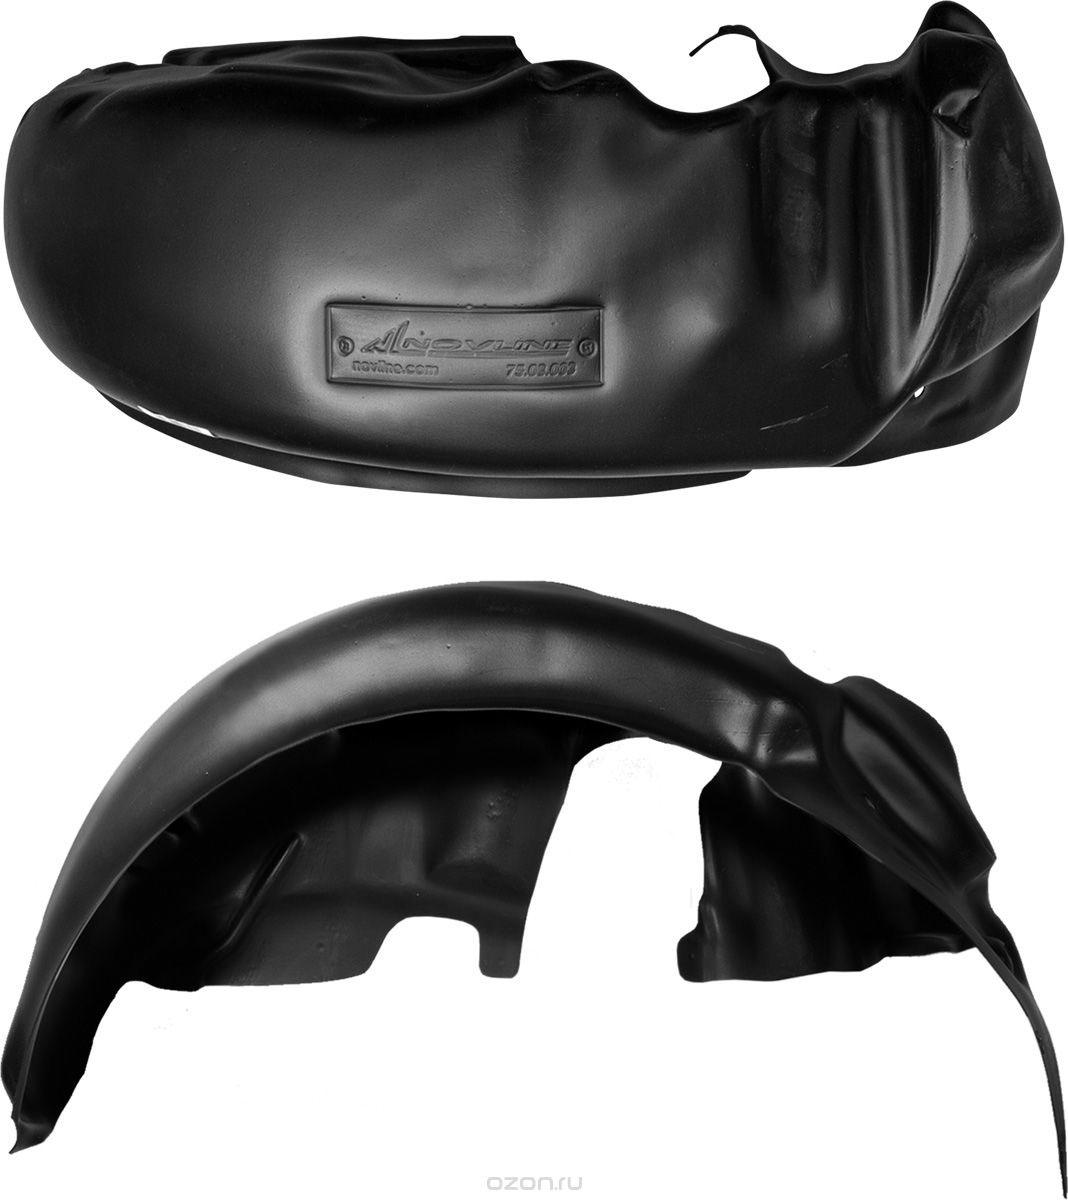 Подкрылок Novline-Autofamily, для HAVAL H8, 09/2015->, передний правый42803004Идеальная защита колесной ниши. Локеры разработаны с применением цифровых технологий, гарантируют максимальную повторяемость поверхности арки. Изделия устанавливаются без нарушения лакокрасочного покрытия автомобиля, каждый подкрылок комплектуется крепежом. Уважаемые клиенты, обращаем ваше внимание, что фотографии на подкрылки универсальные и не отражают реальную форму изделия. При этом само изделие идет точно под размер указанного автомобиля.